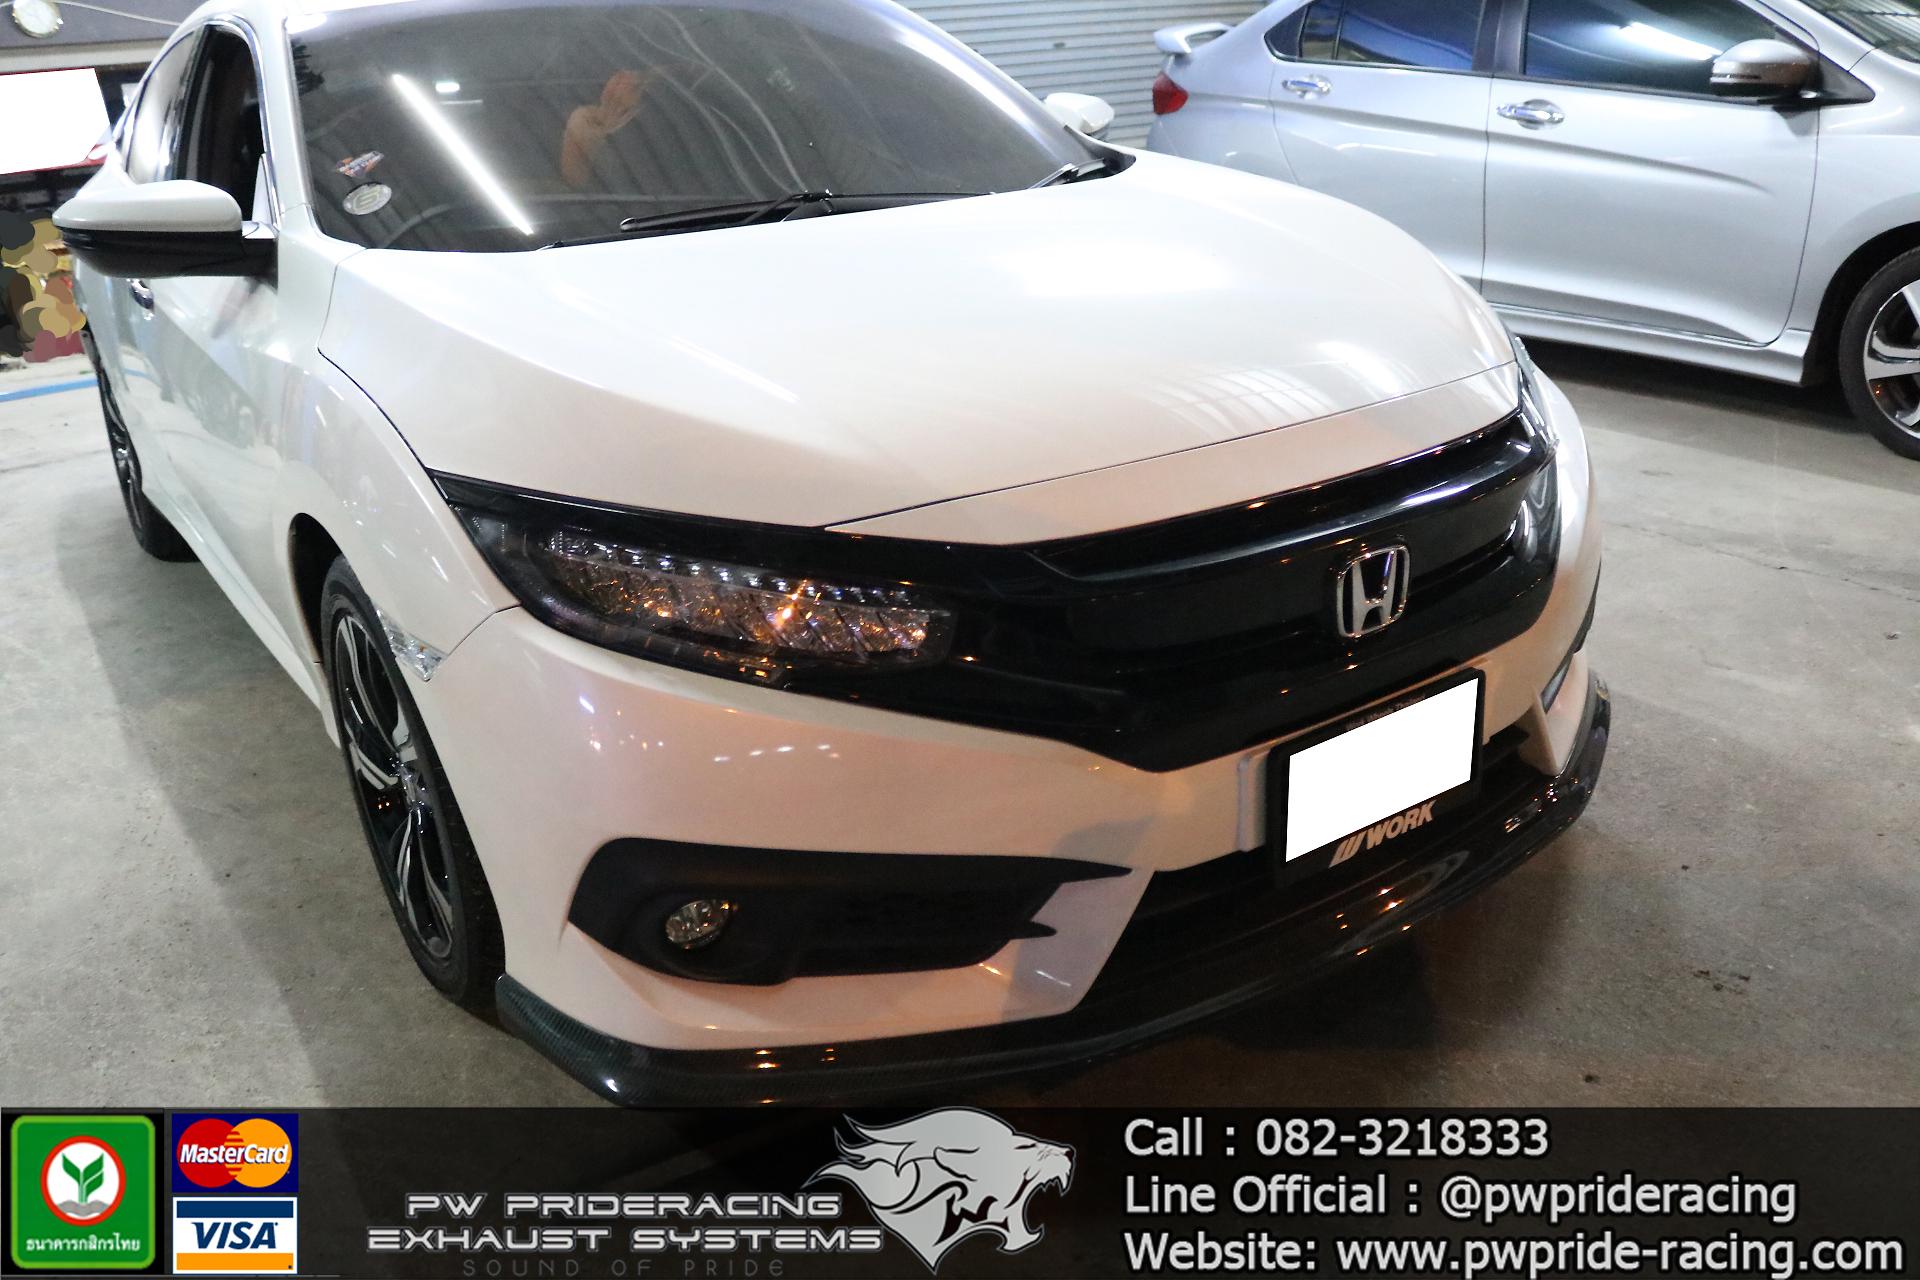 ชุดท่อไอเสีย Honda Civic FC 1.5 Turbo (Full System With Valvetronic) by PW PrideRacing